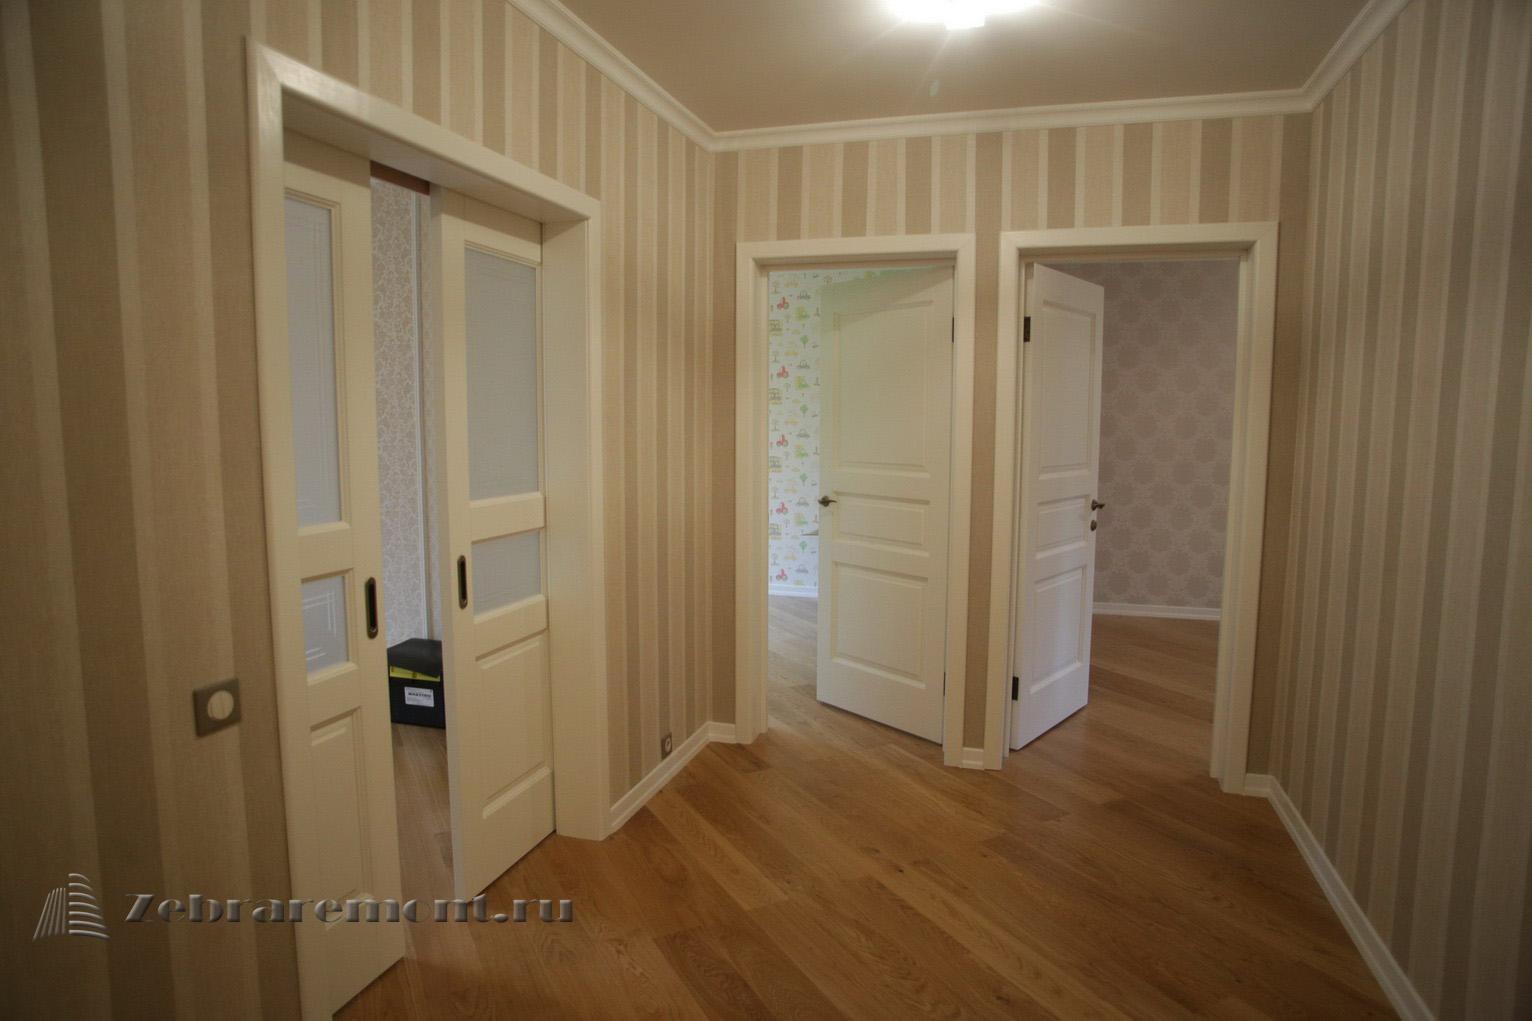 Ремонт трехкомнатной квартиры, П44